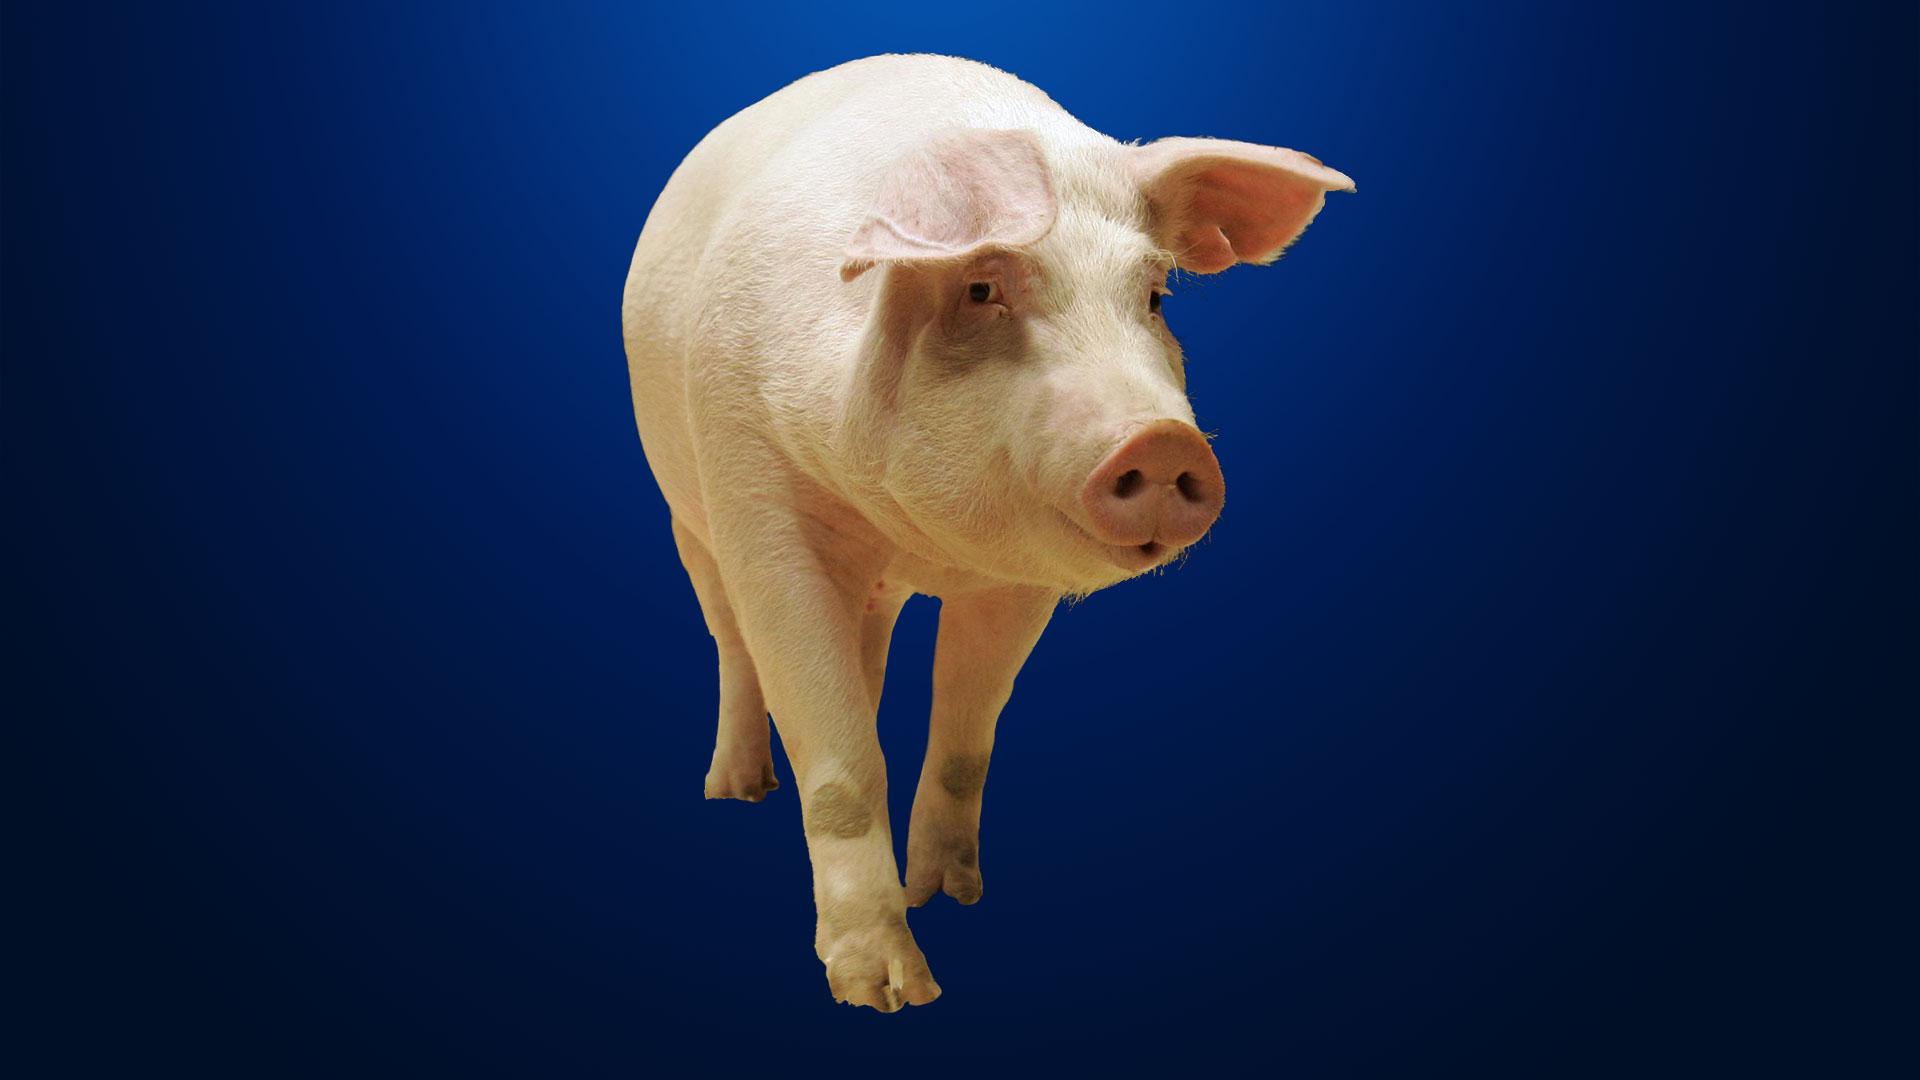 KELO Pig